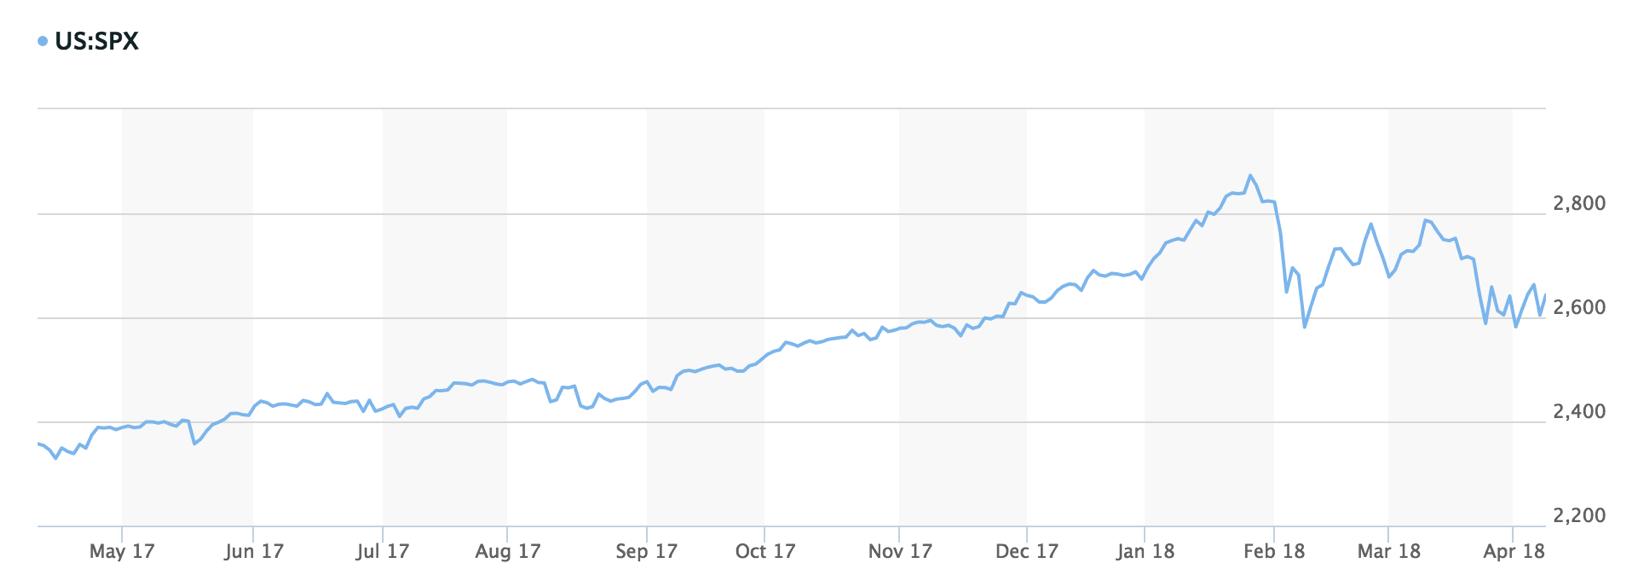 Figure 1: S&P 500 Index; Source: MarketWatch